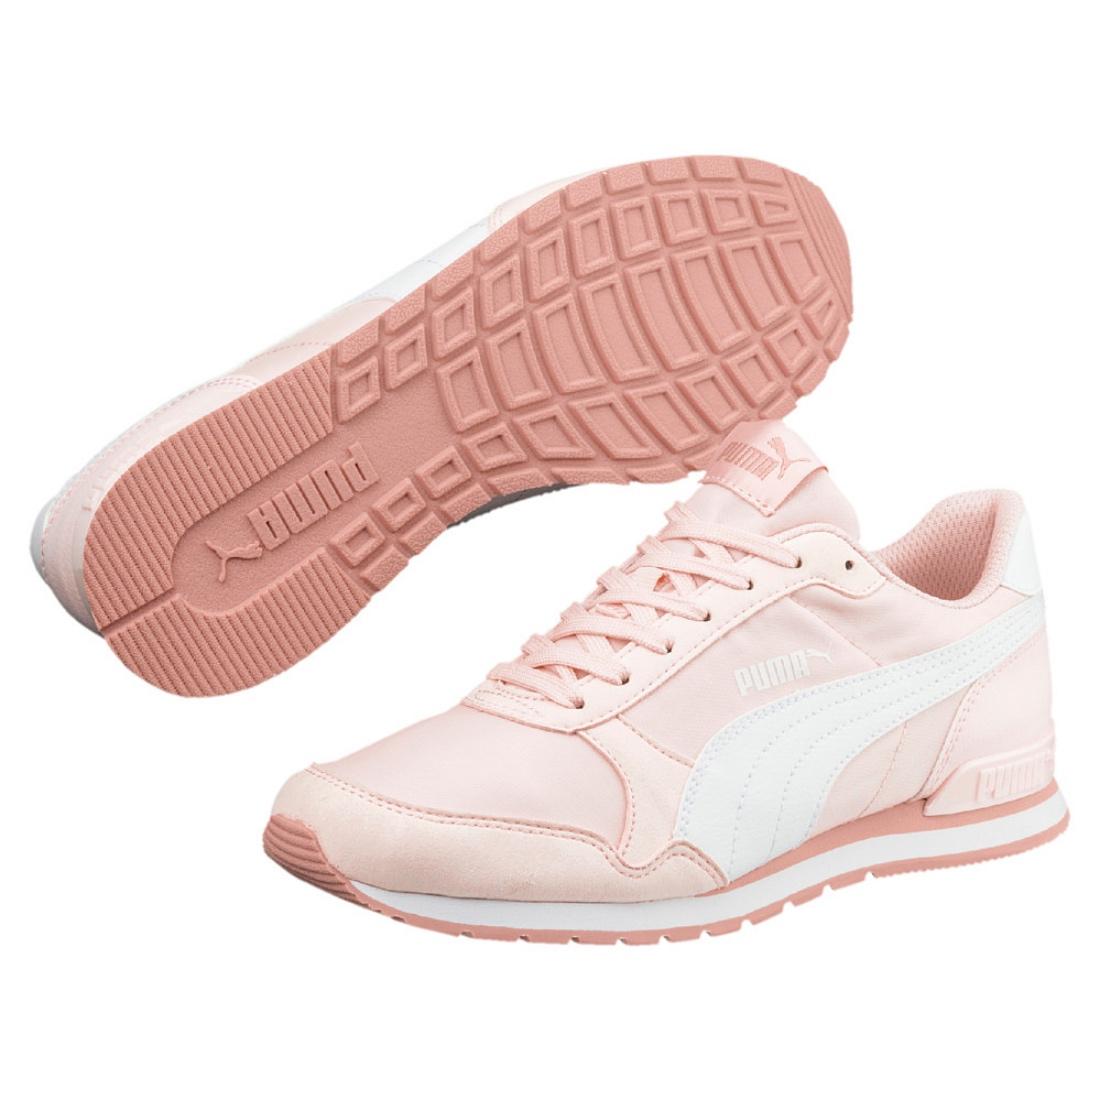 puma damen sneaker peach